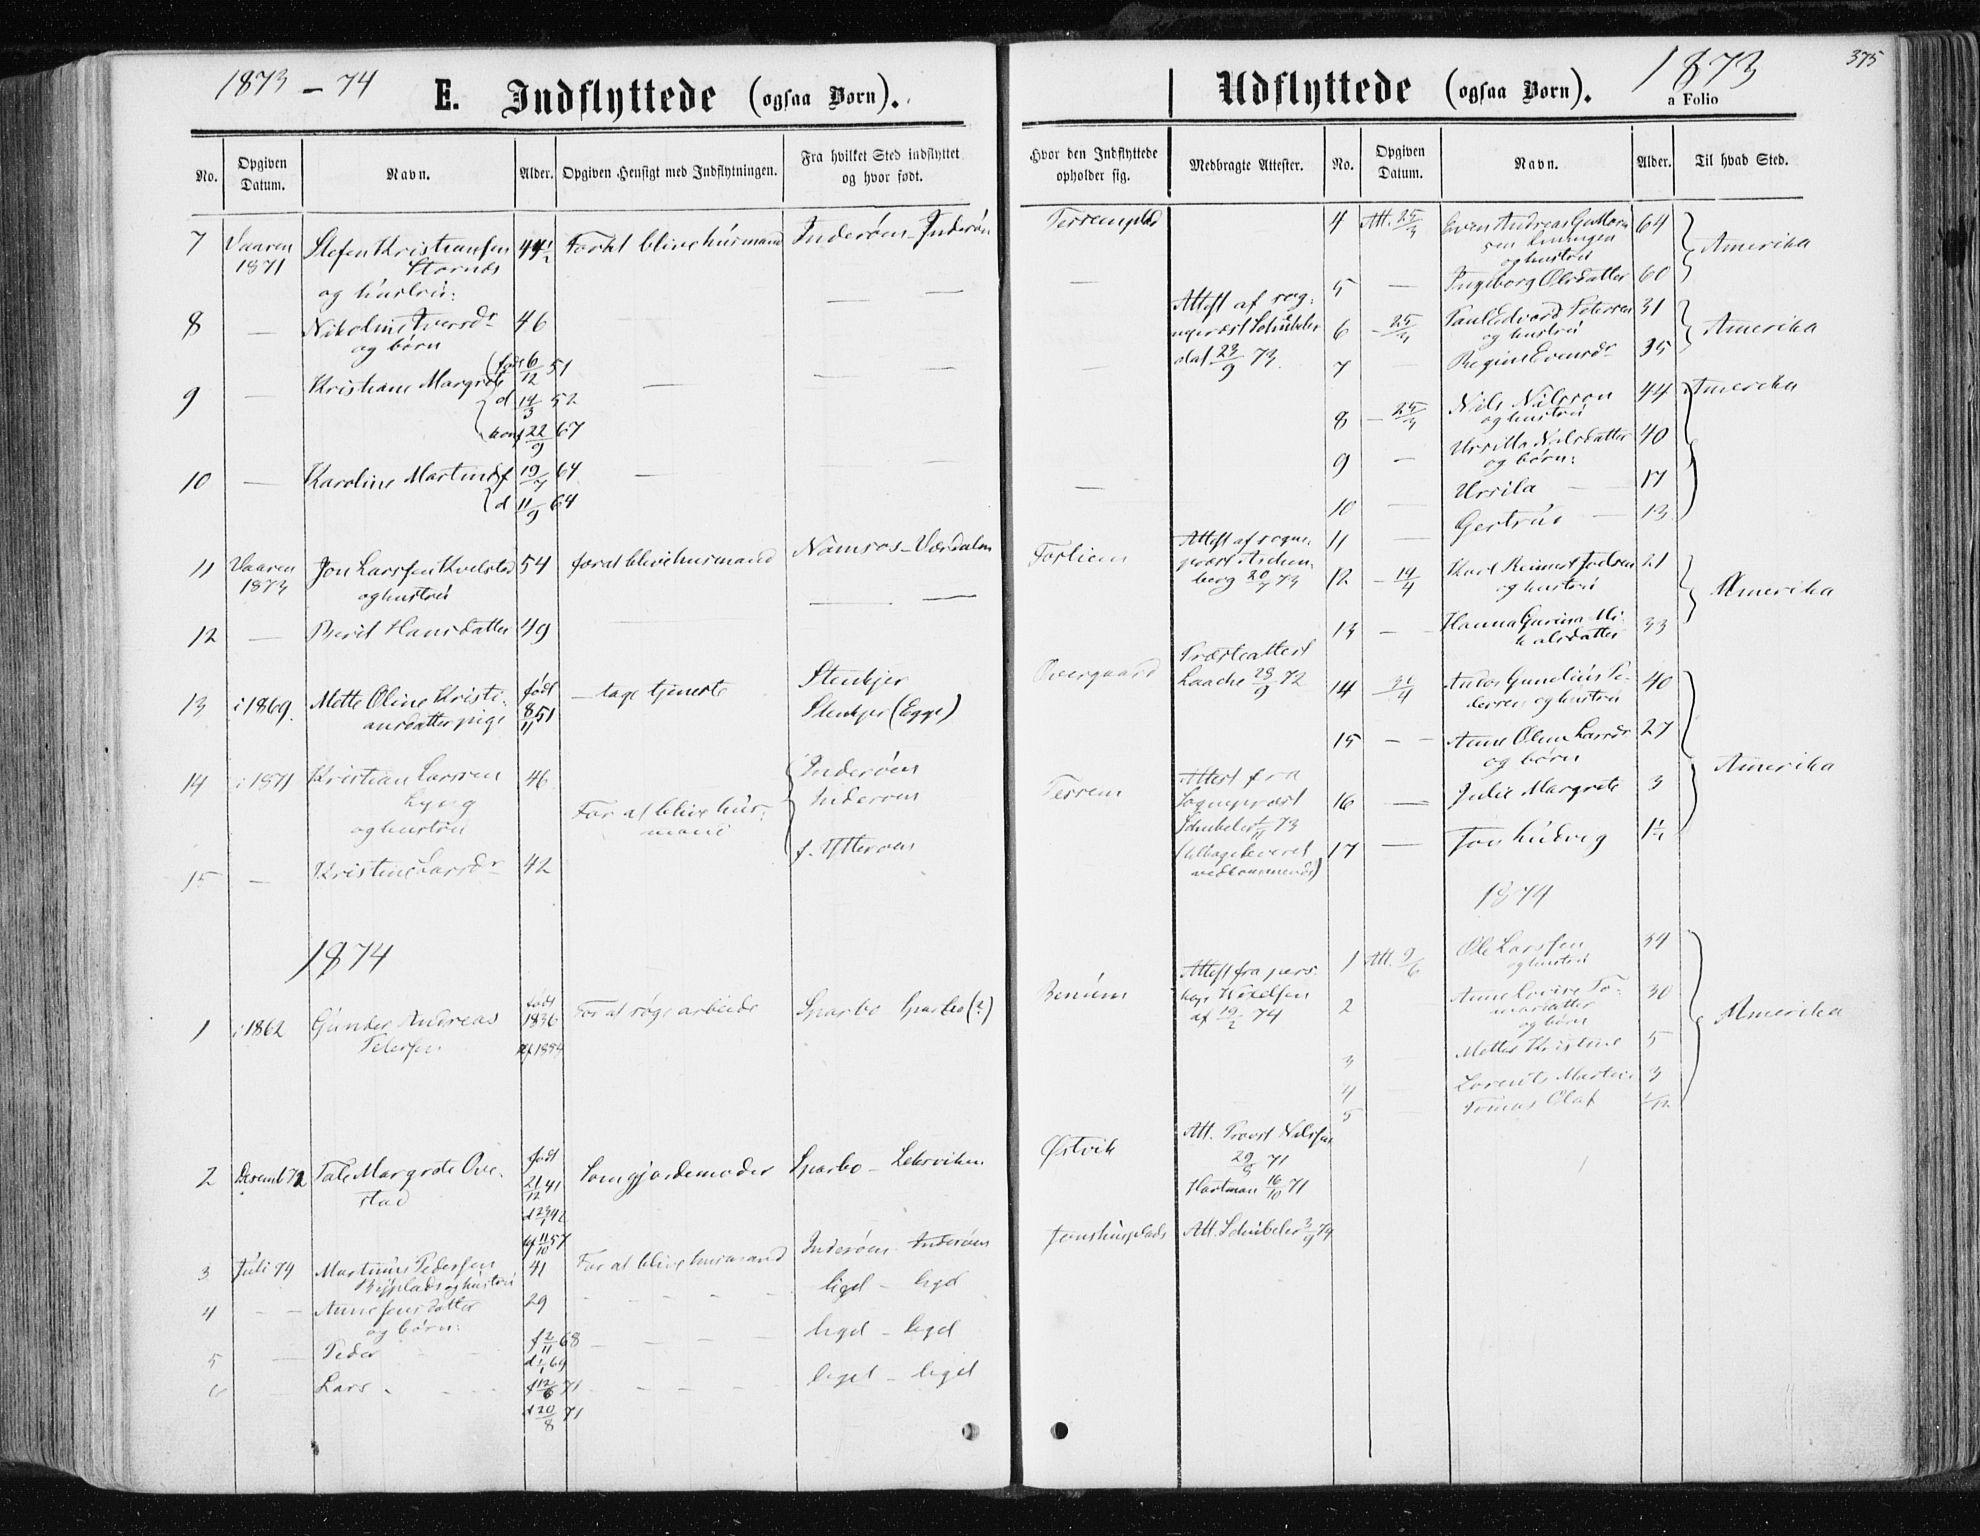 SAT, Ministerialprotokoller, klokkerbøker og fødselsregistre - Nord-Trøndelag, 741/L0394: Ministerialbok nr. 741A08, 1864-1877, s. 375